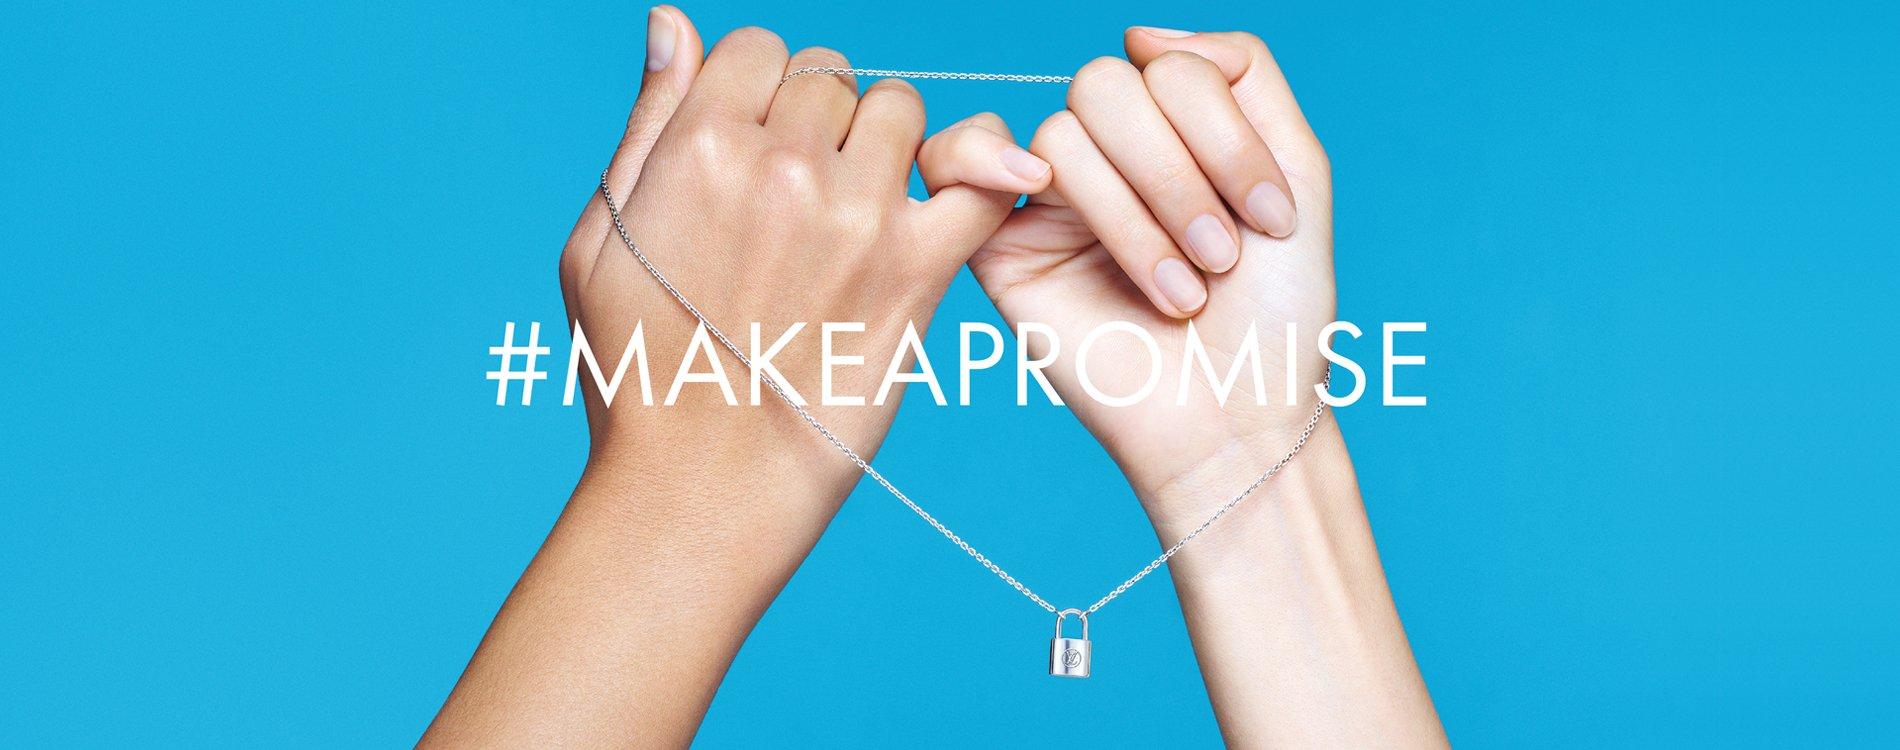 """Louis Vuitton colabora con Unicef y """"hace una promesa"""""""